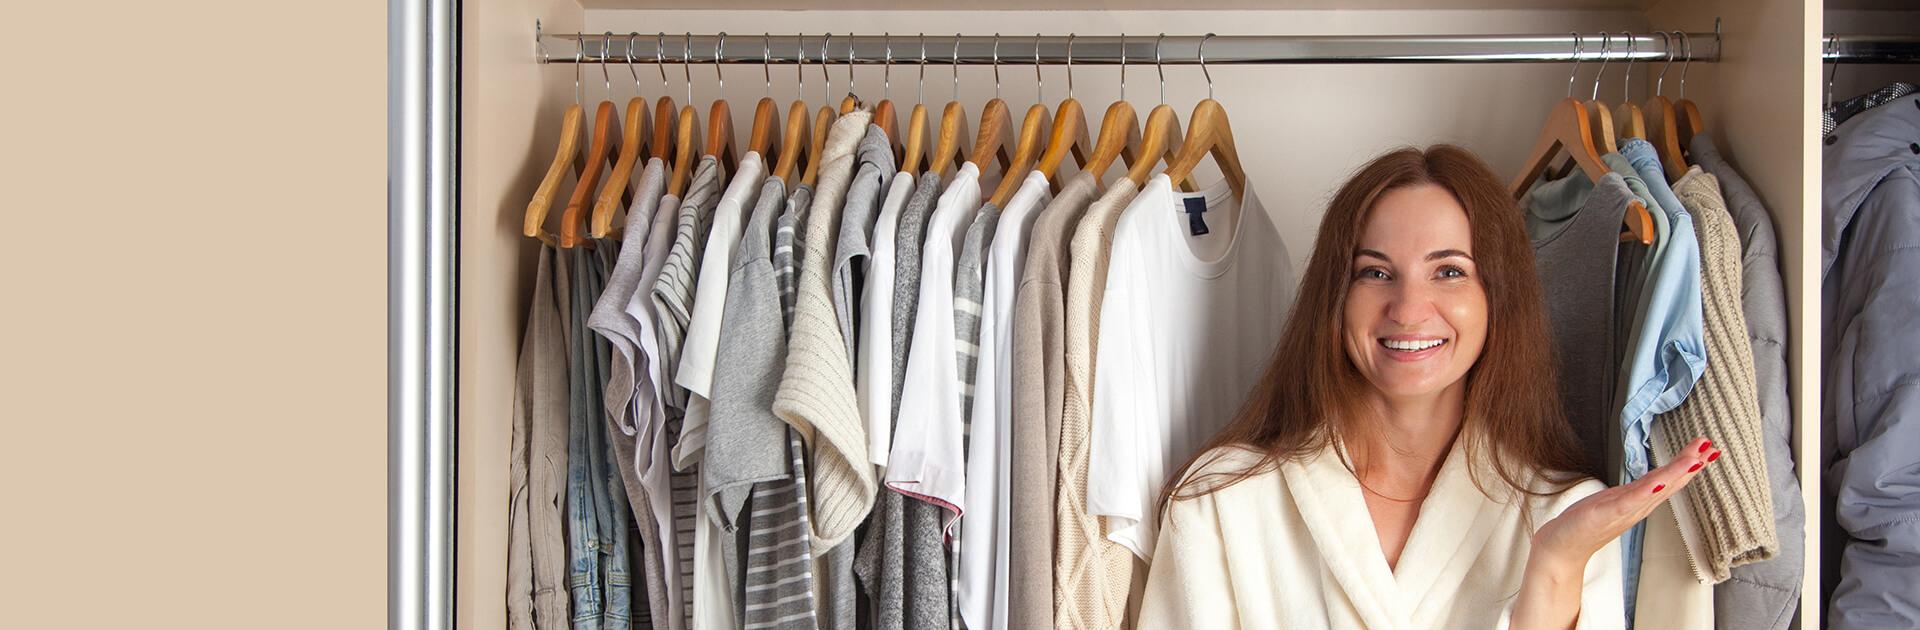 Uśmiechnięta kobieta na tle szafy na wymiar